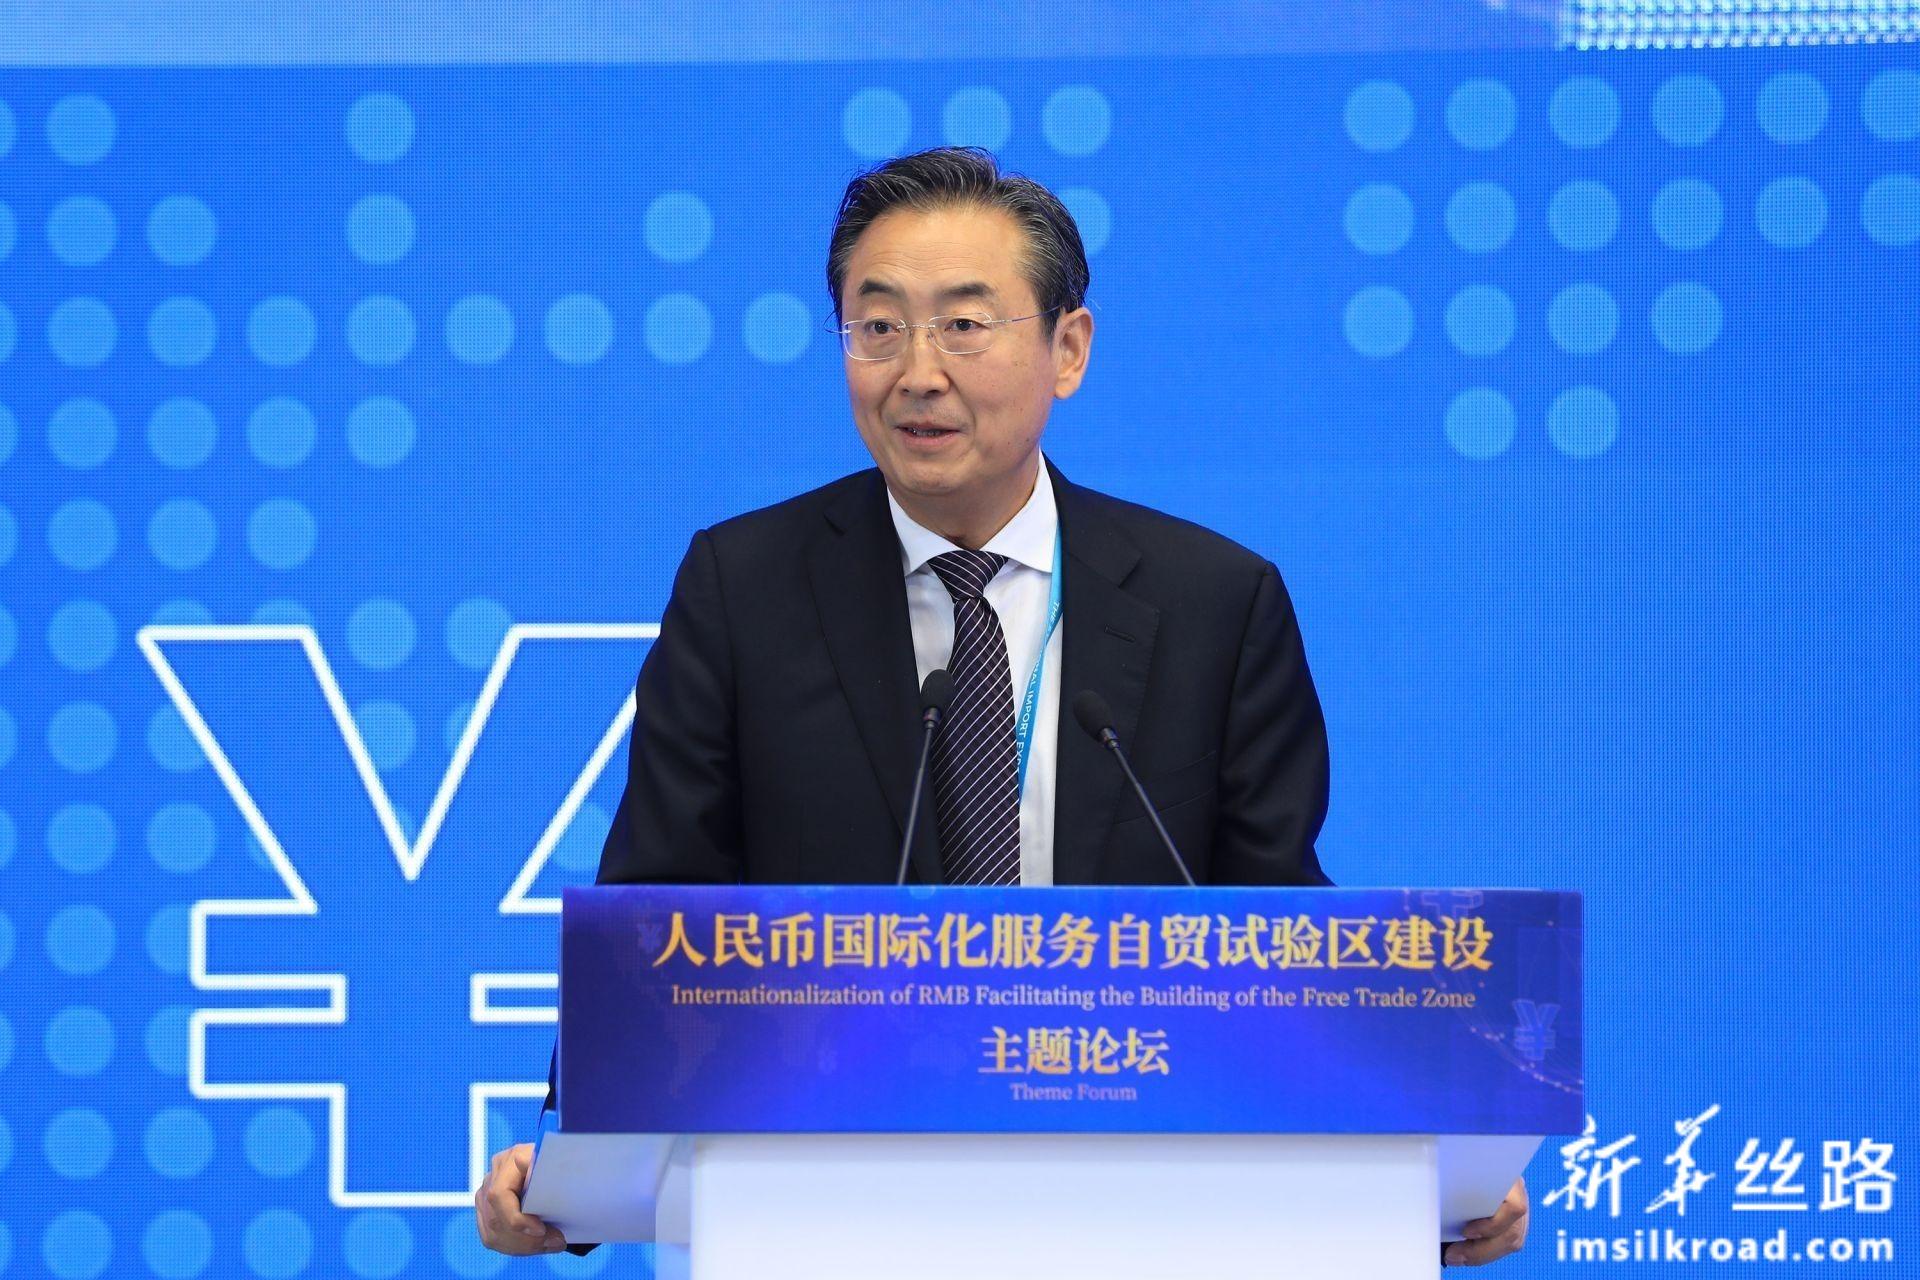 """在""""人民币国际化服务自贸试验区建设""""主题论坛上,中国银行王希全监事长致辞"""